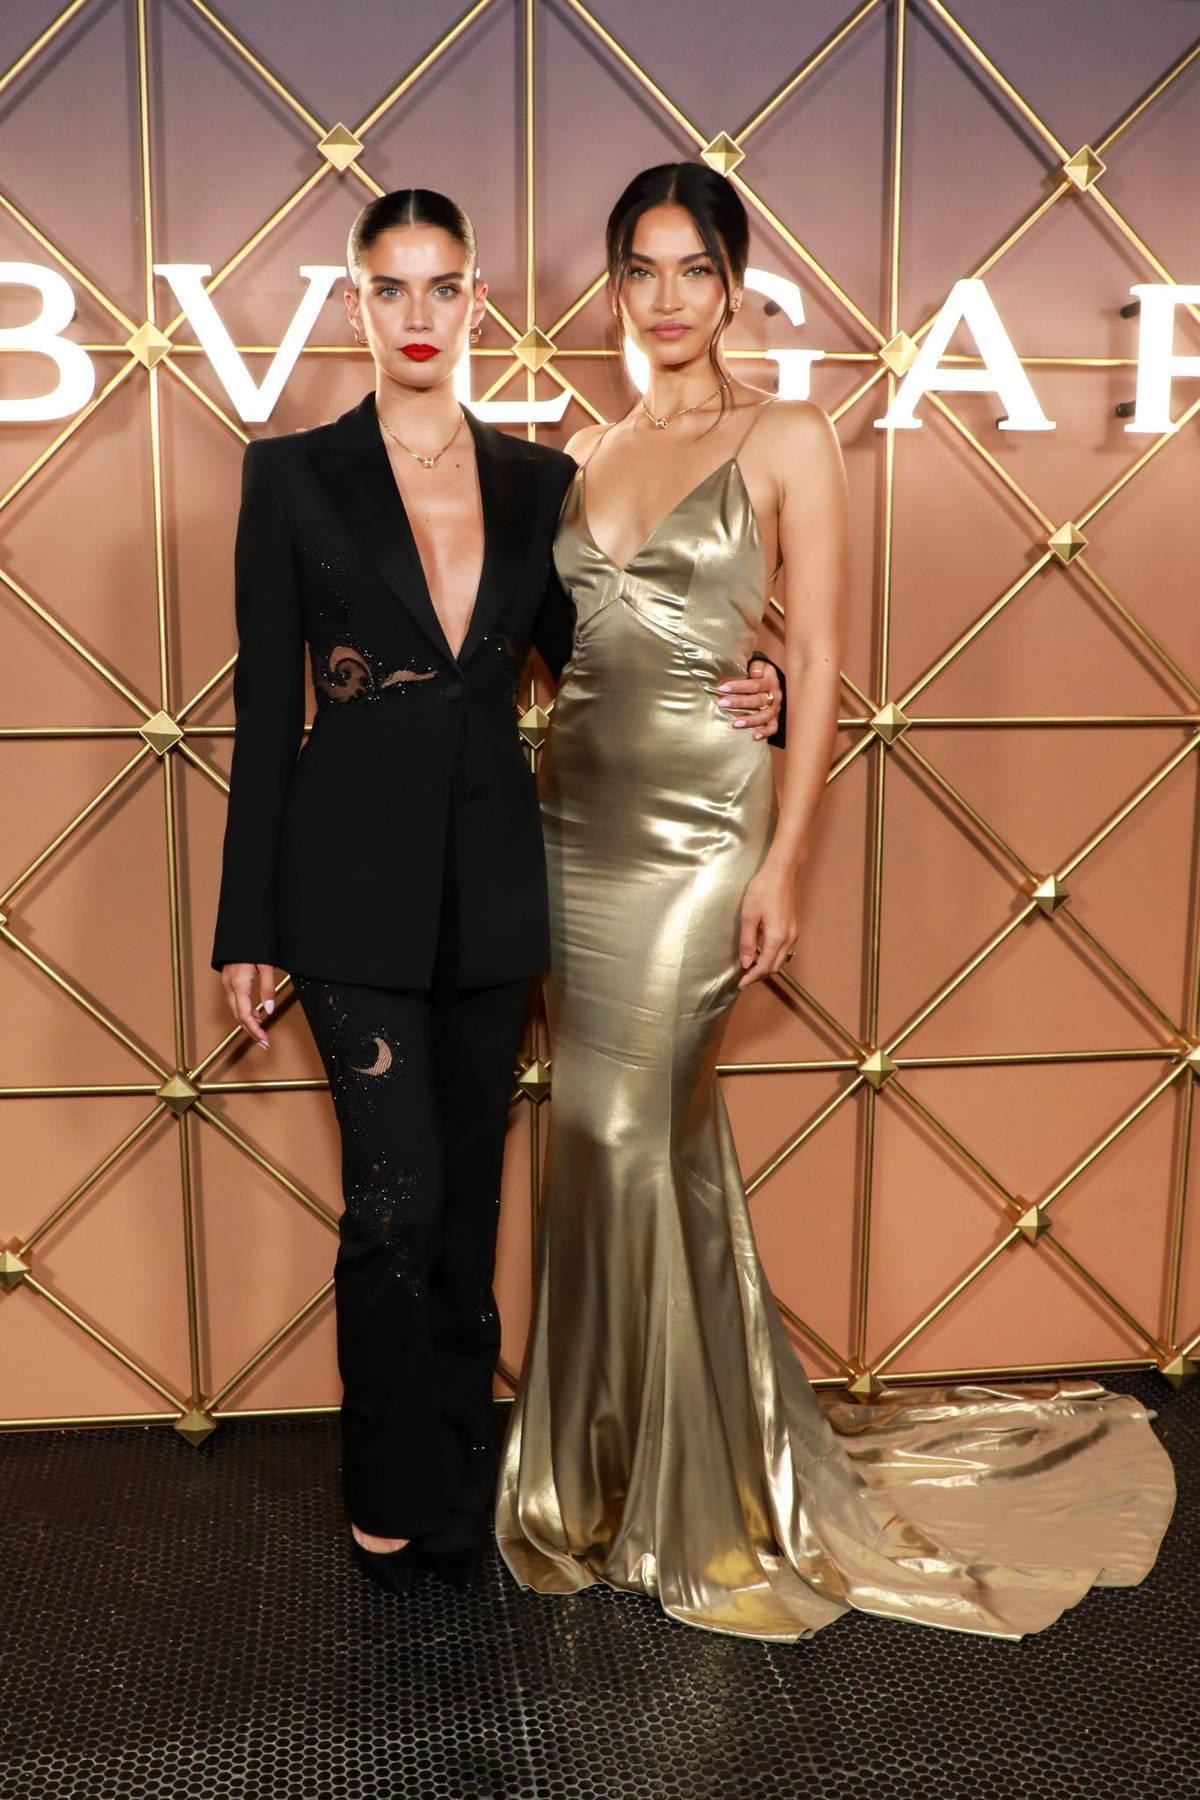 Sara Sampaio and Shanina Shaik attend the BVLGARI x B.zero1 Party in New York City